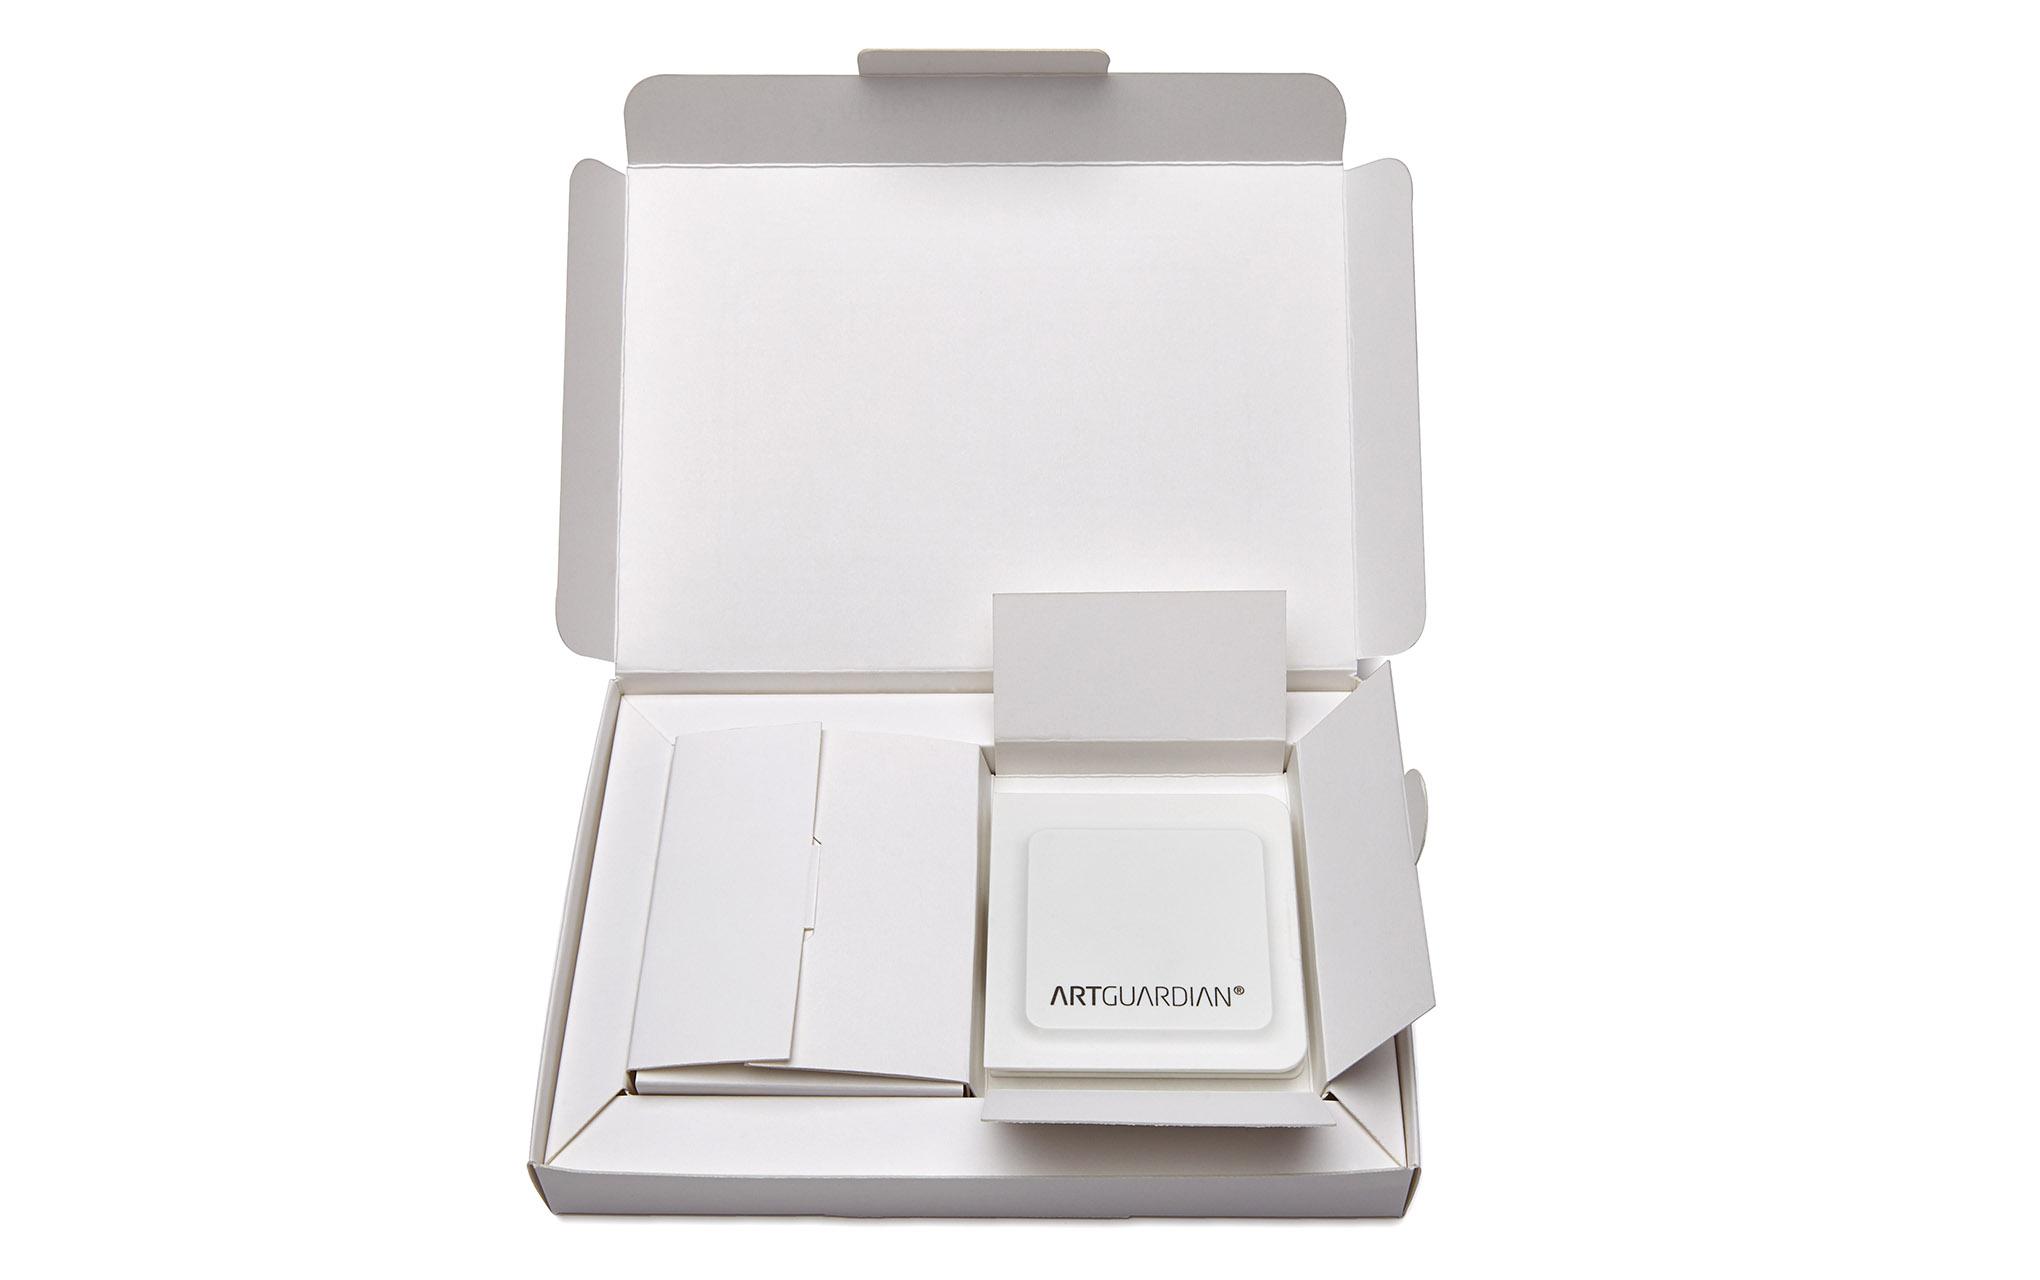 artguardian-verpackung-offen